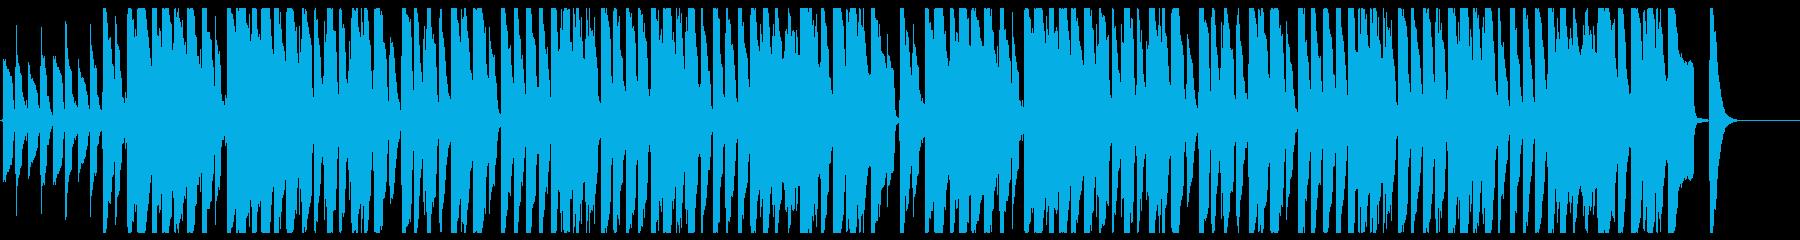 鉄琴とピアノの少しメルヘンで弾んだ曲の再生済みの波形